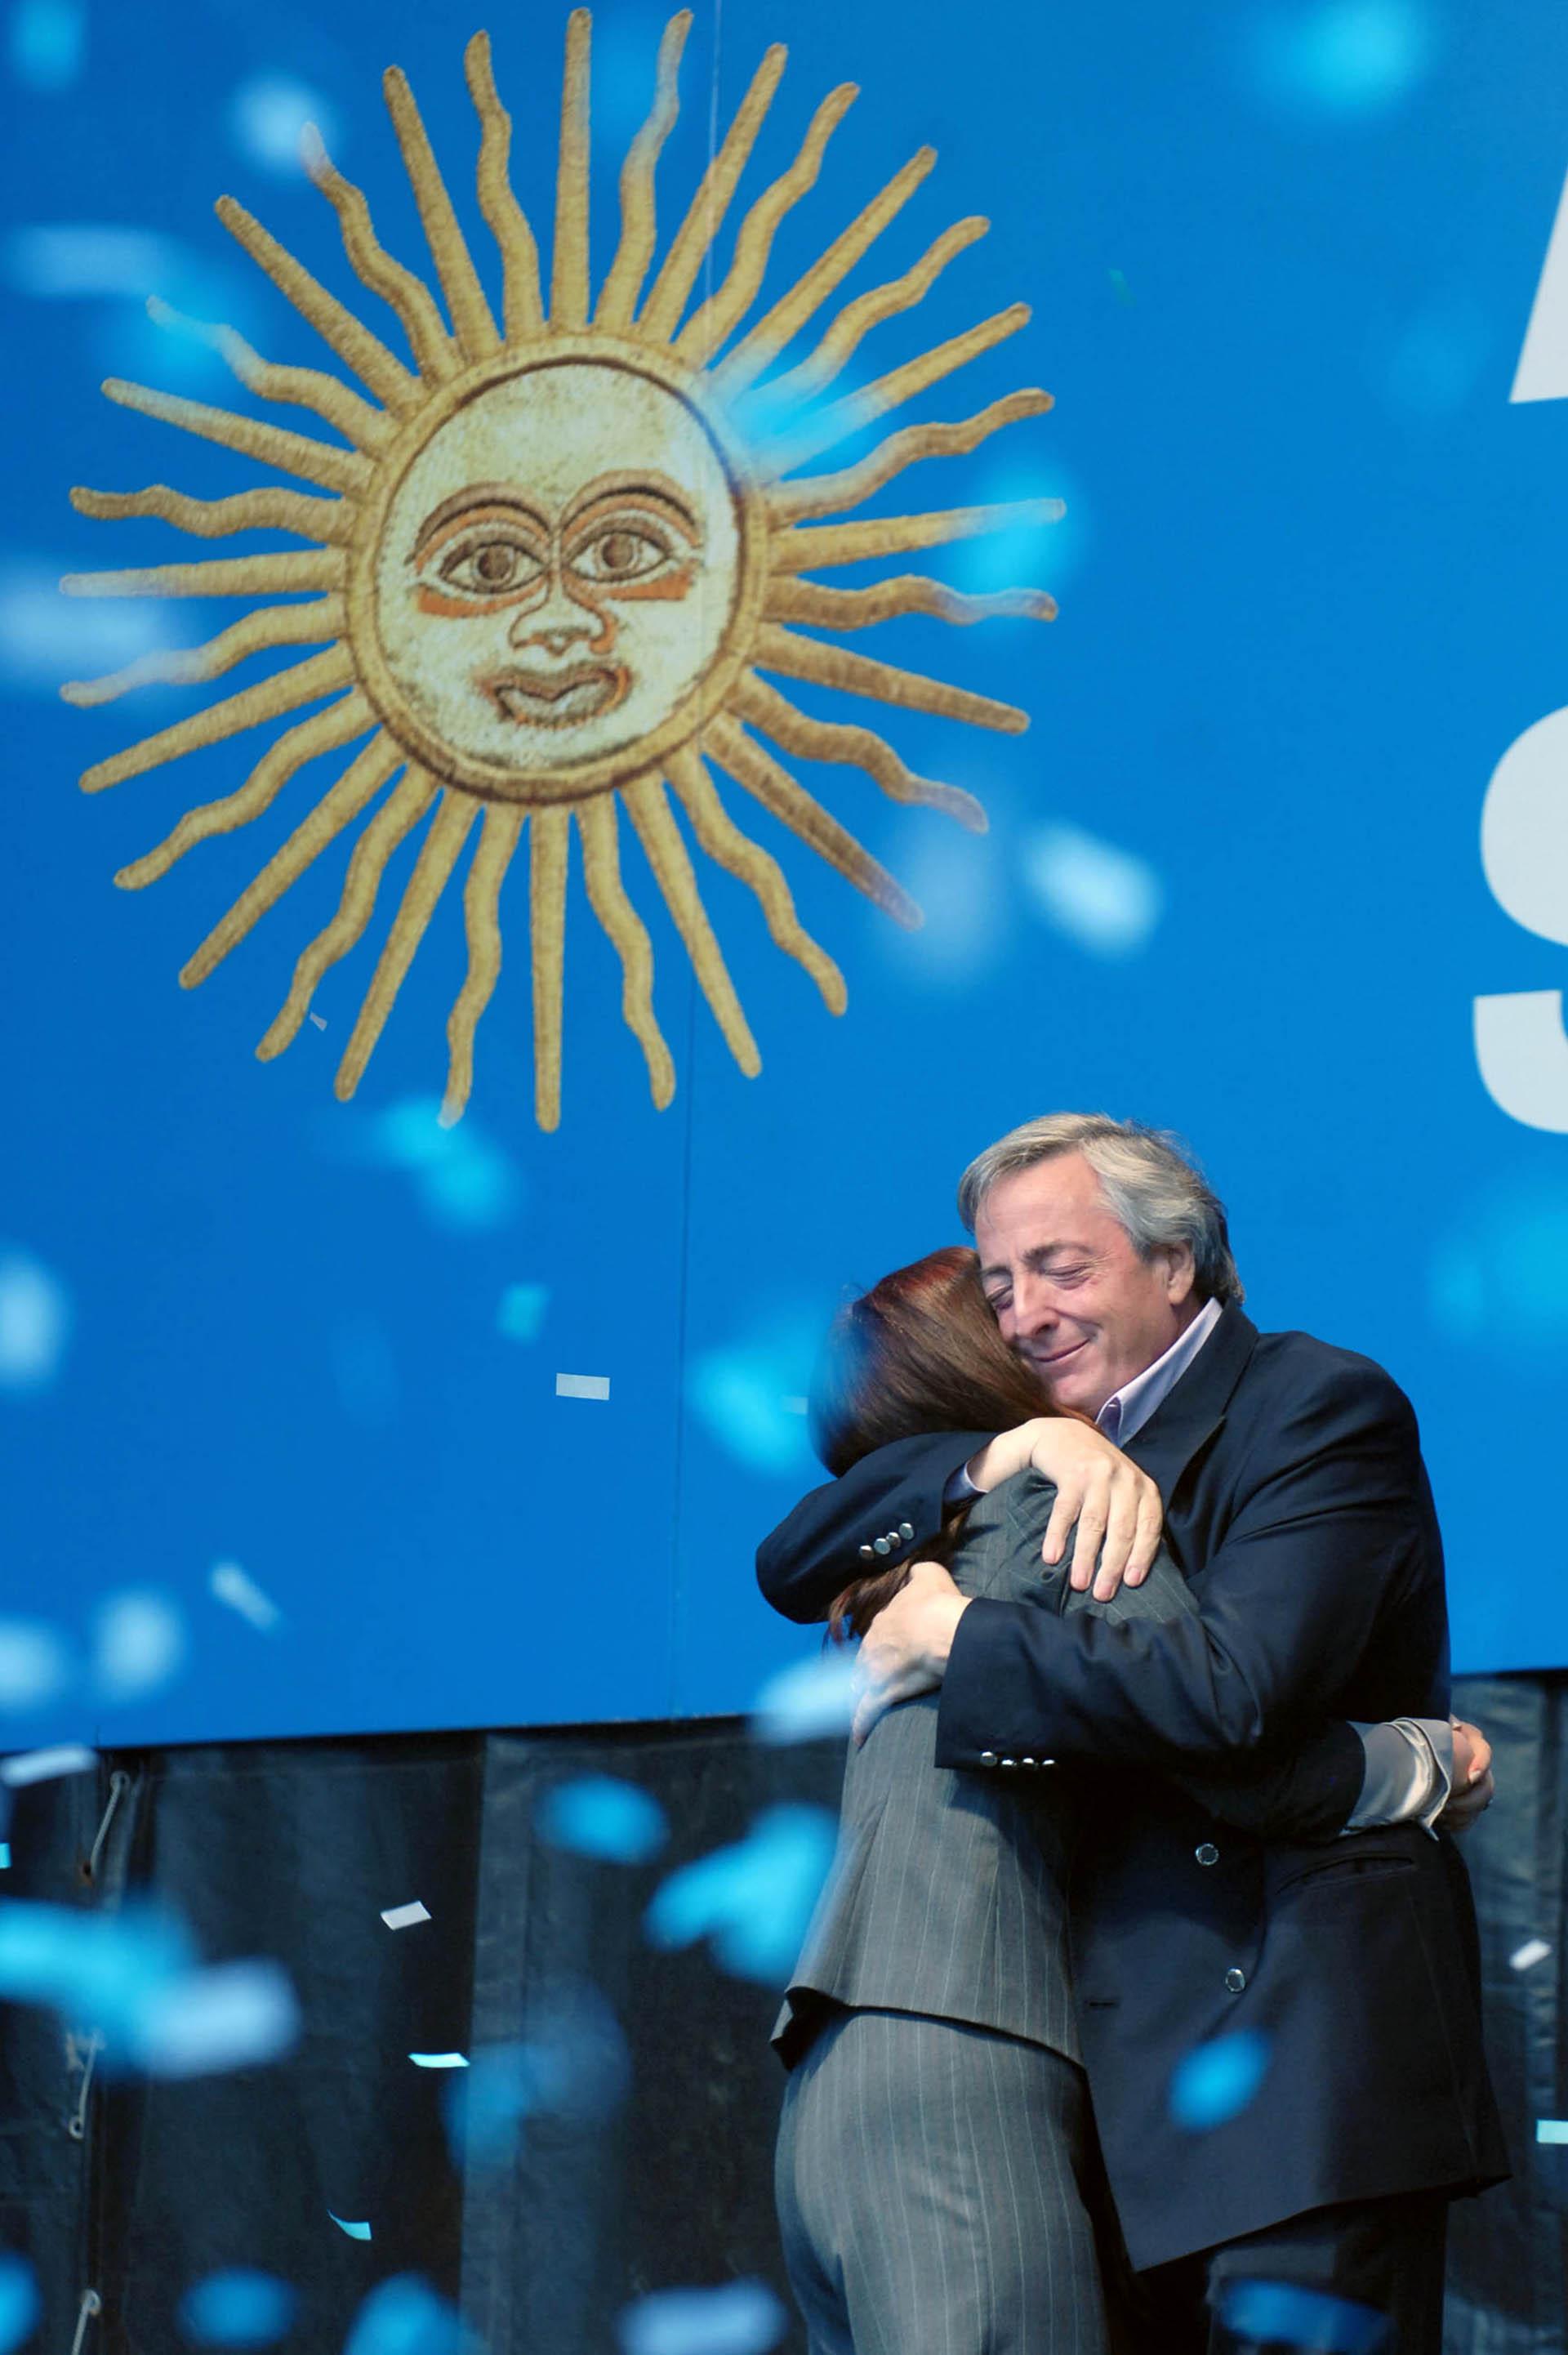 La presidente Cristina Fernández de Kirchner junto a su esposo Néstor Kirchner al finalizar su discurso en la Plaza de Mayo.